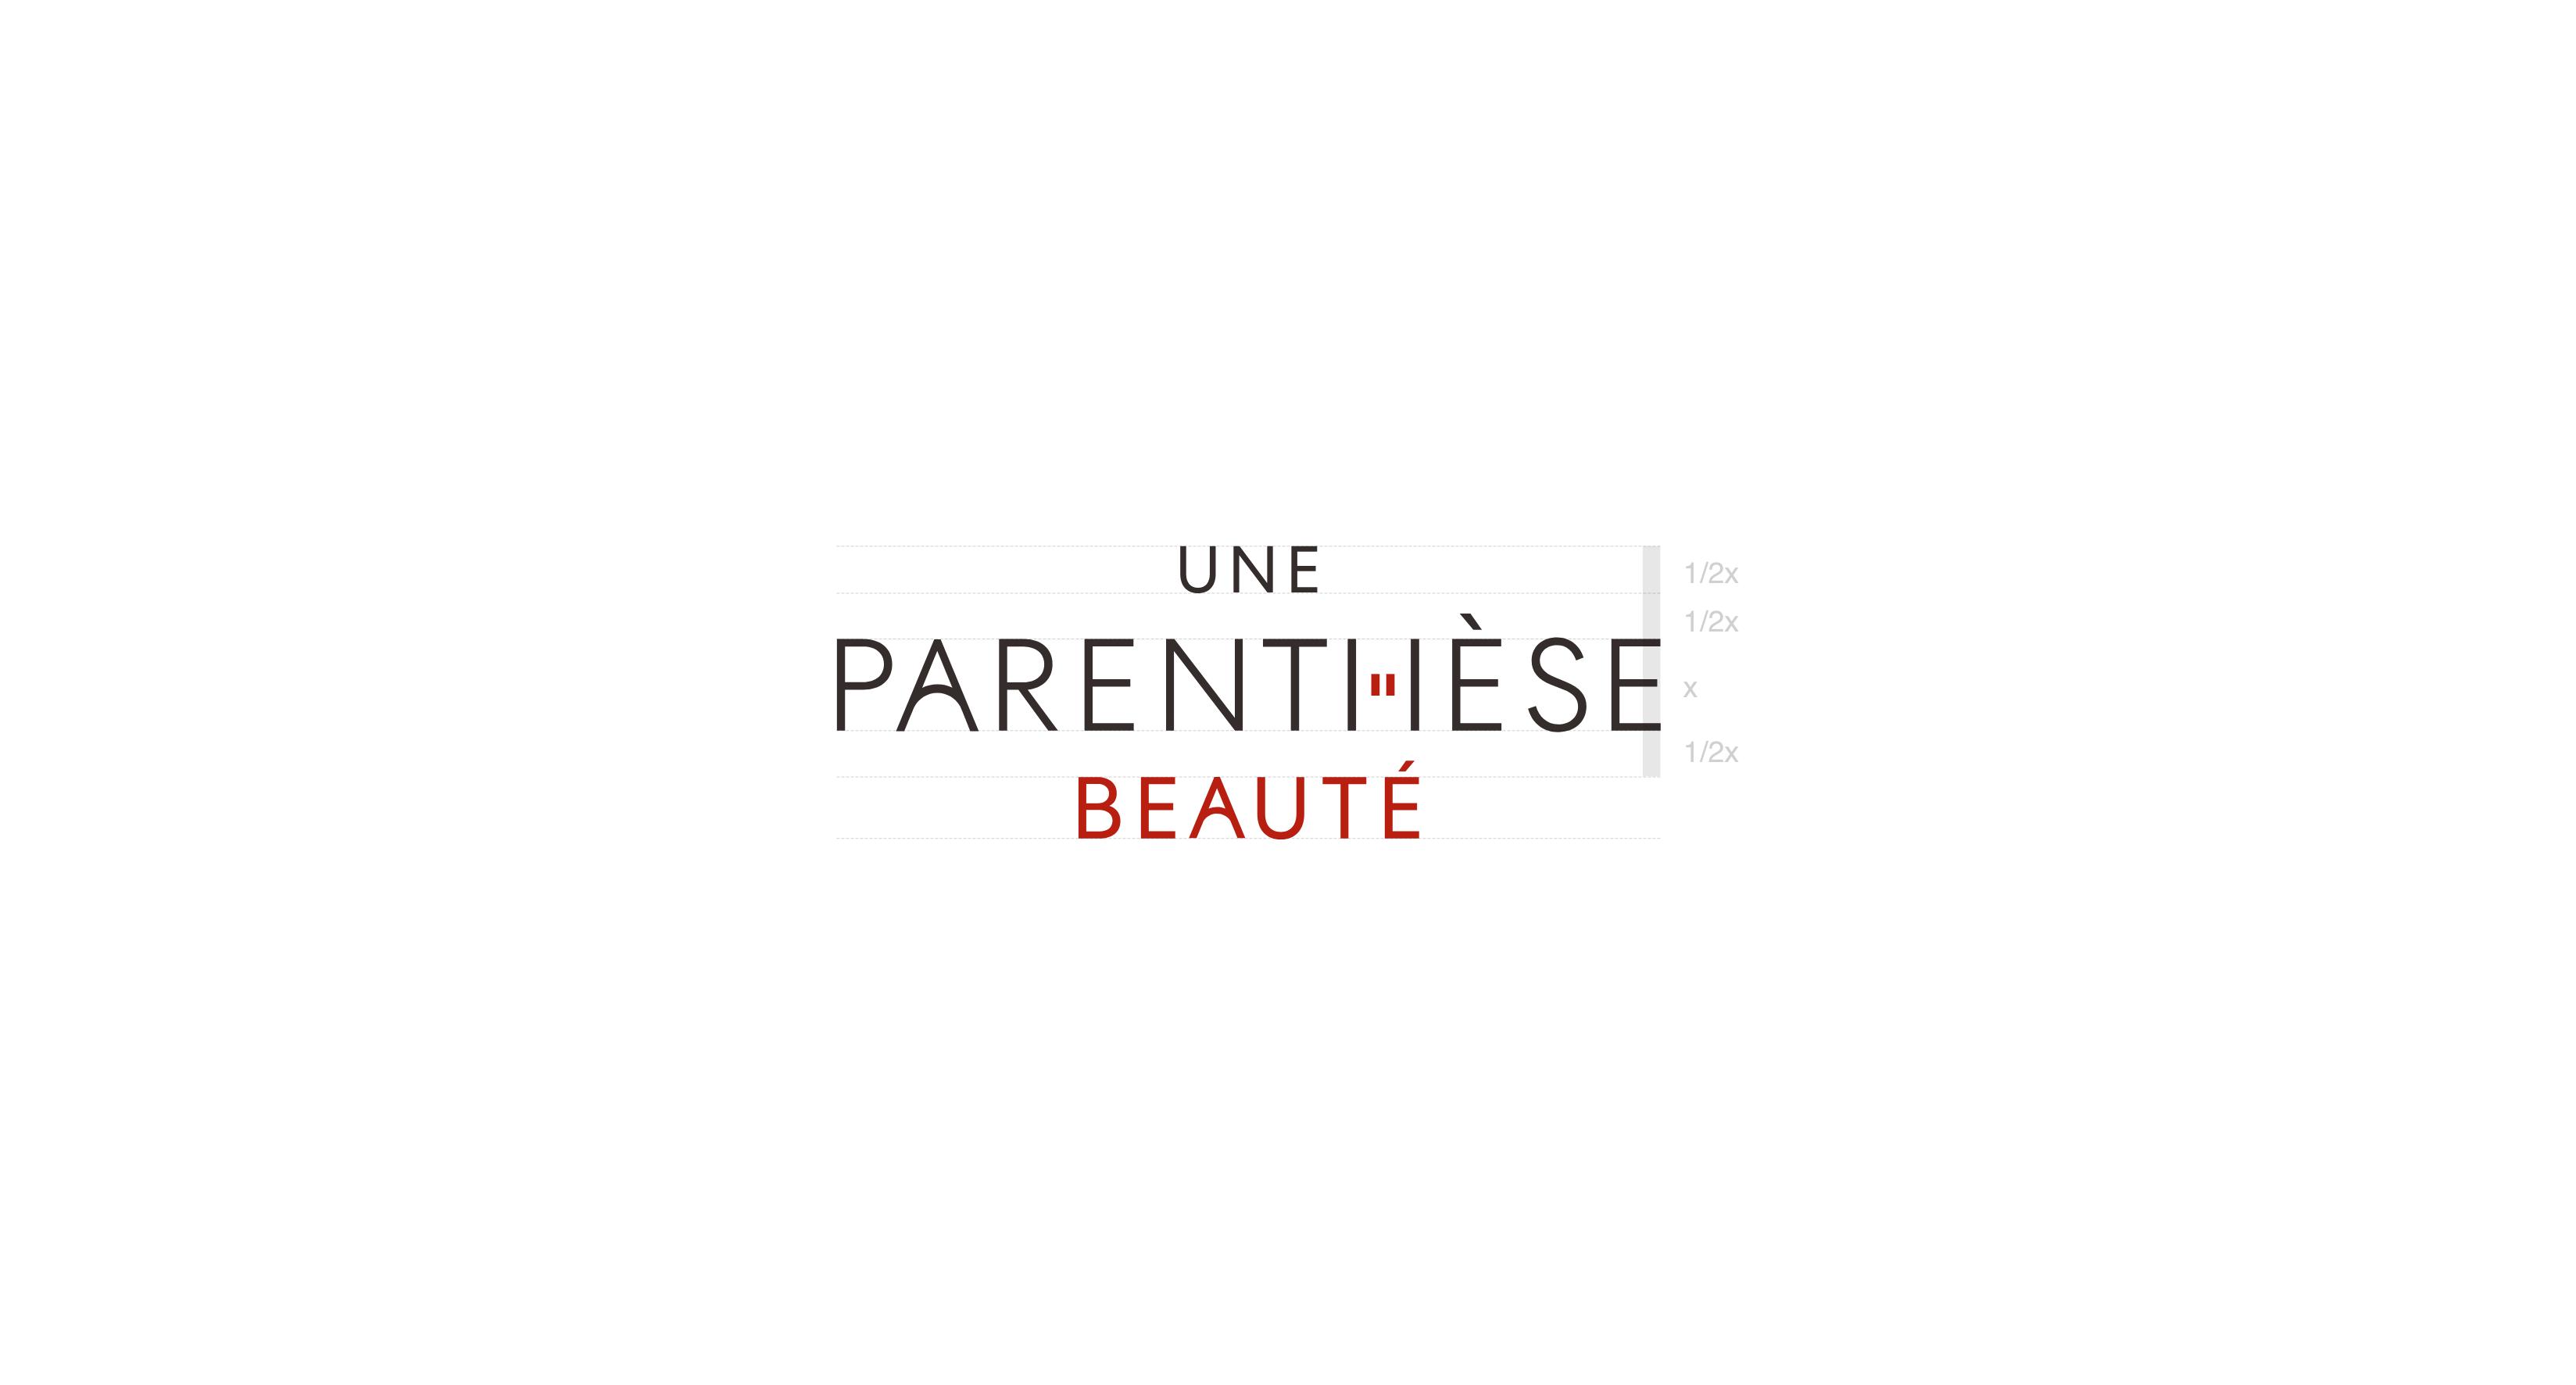 Nouveau logo Une Parenthèse Beauté